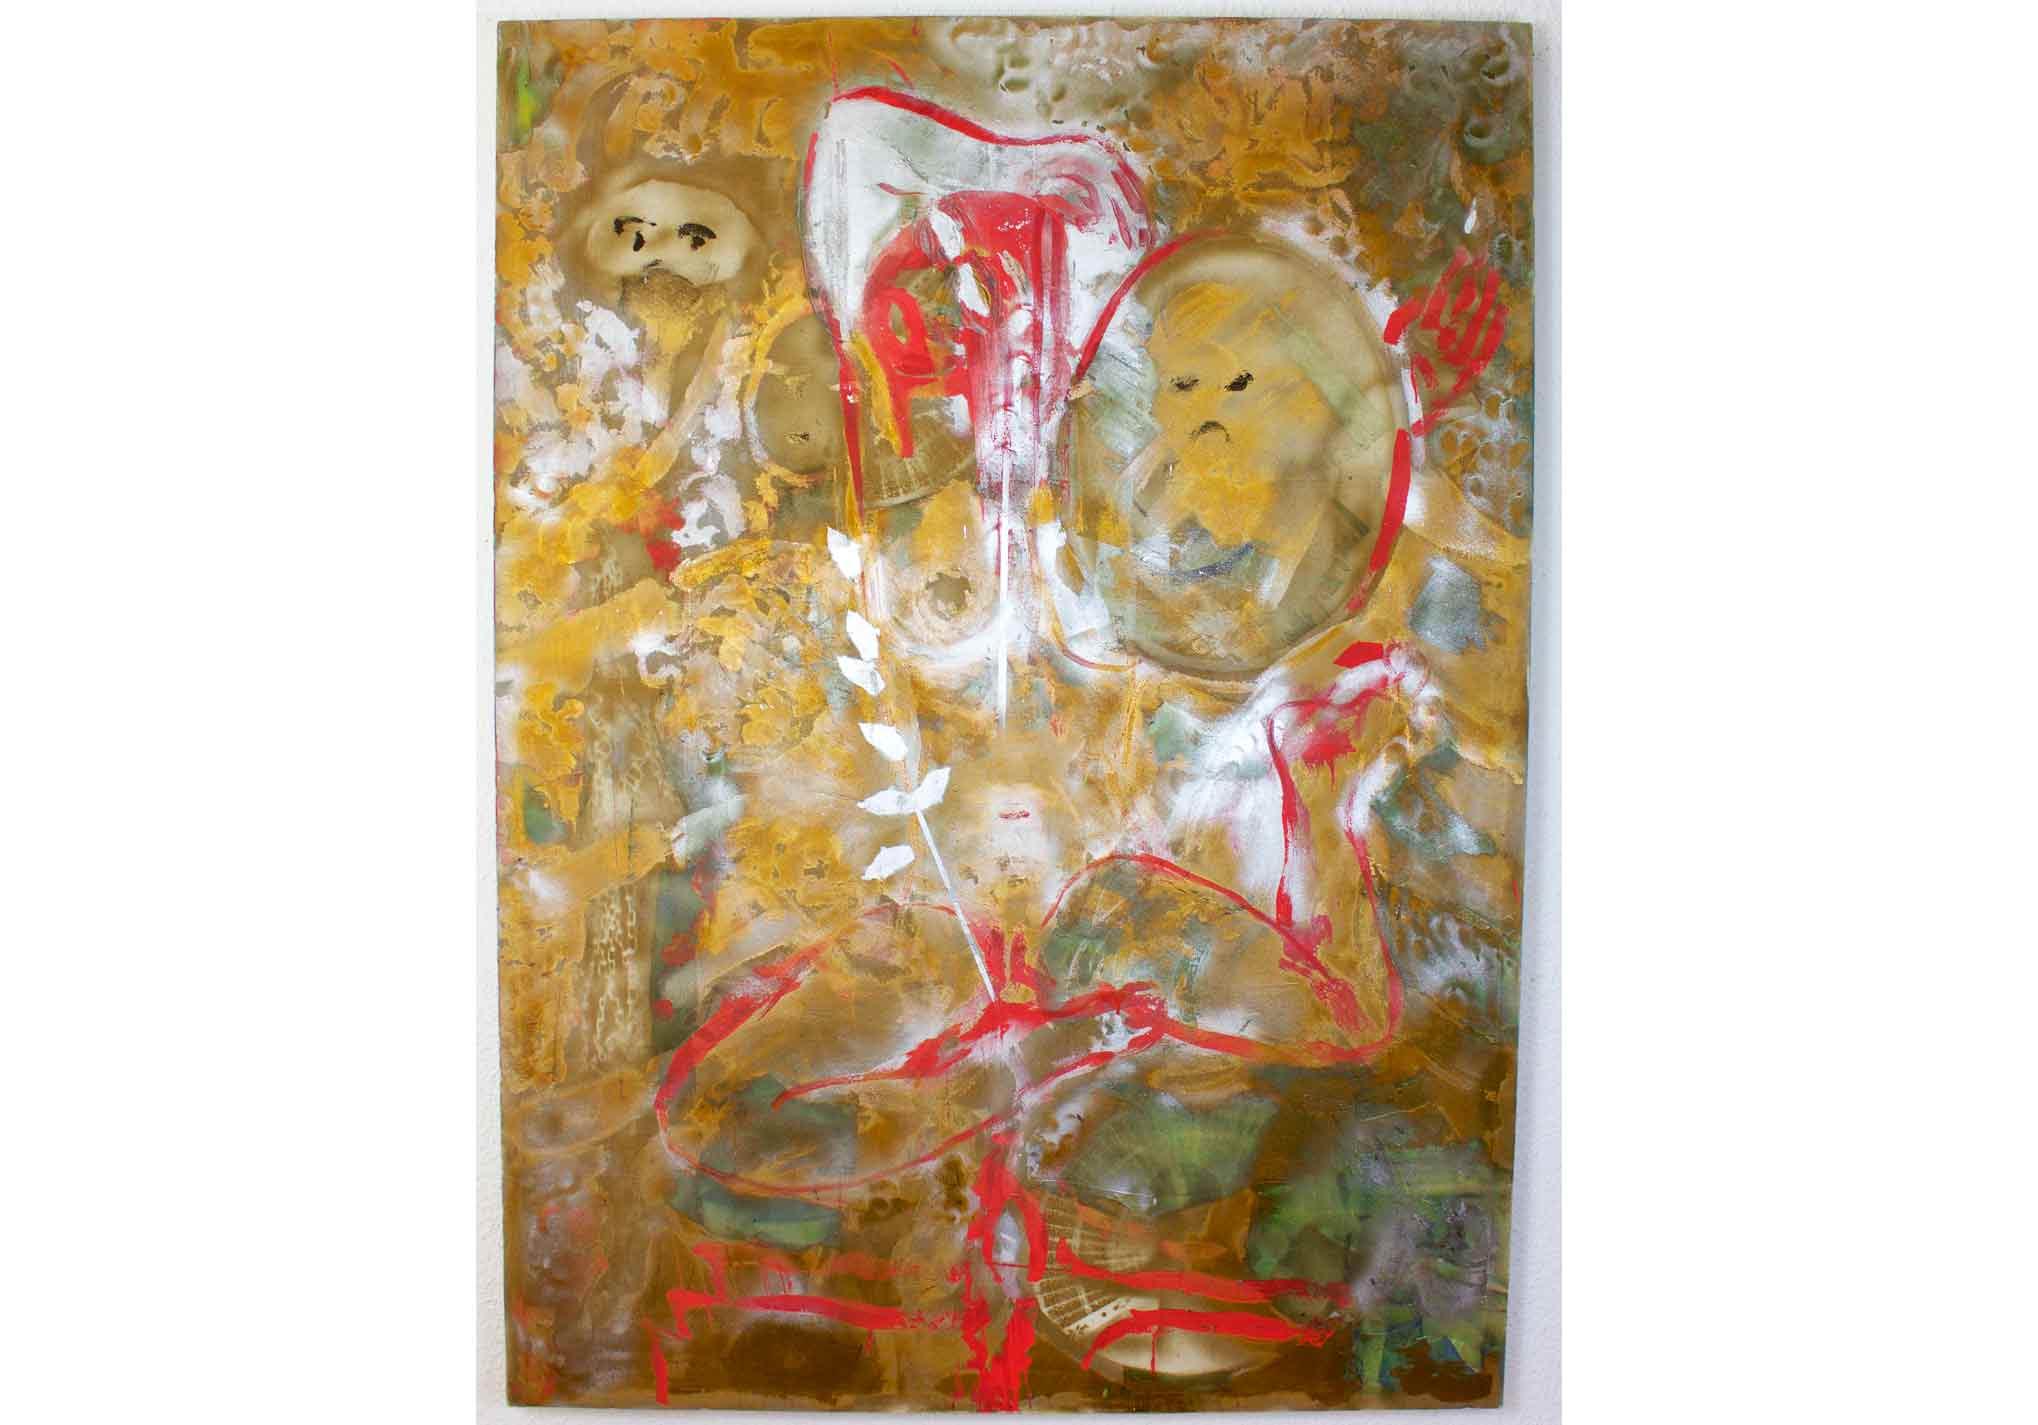 MT-Galerie-Zygmunt-Blazejewski-GAIA_17-012